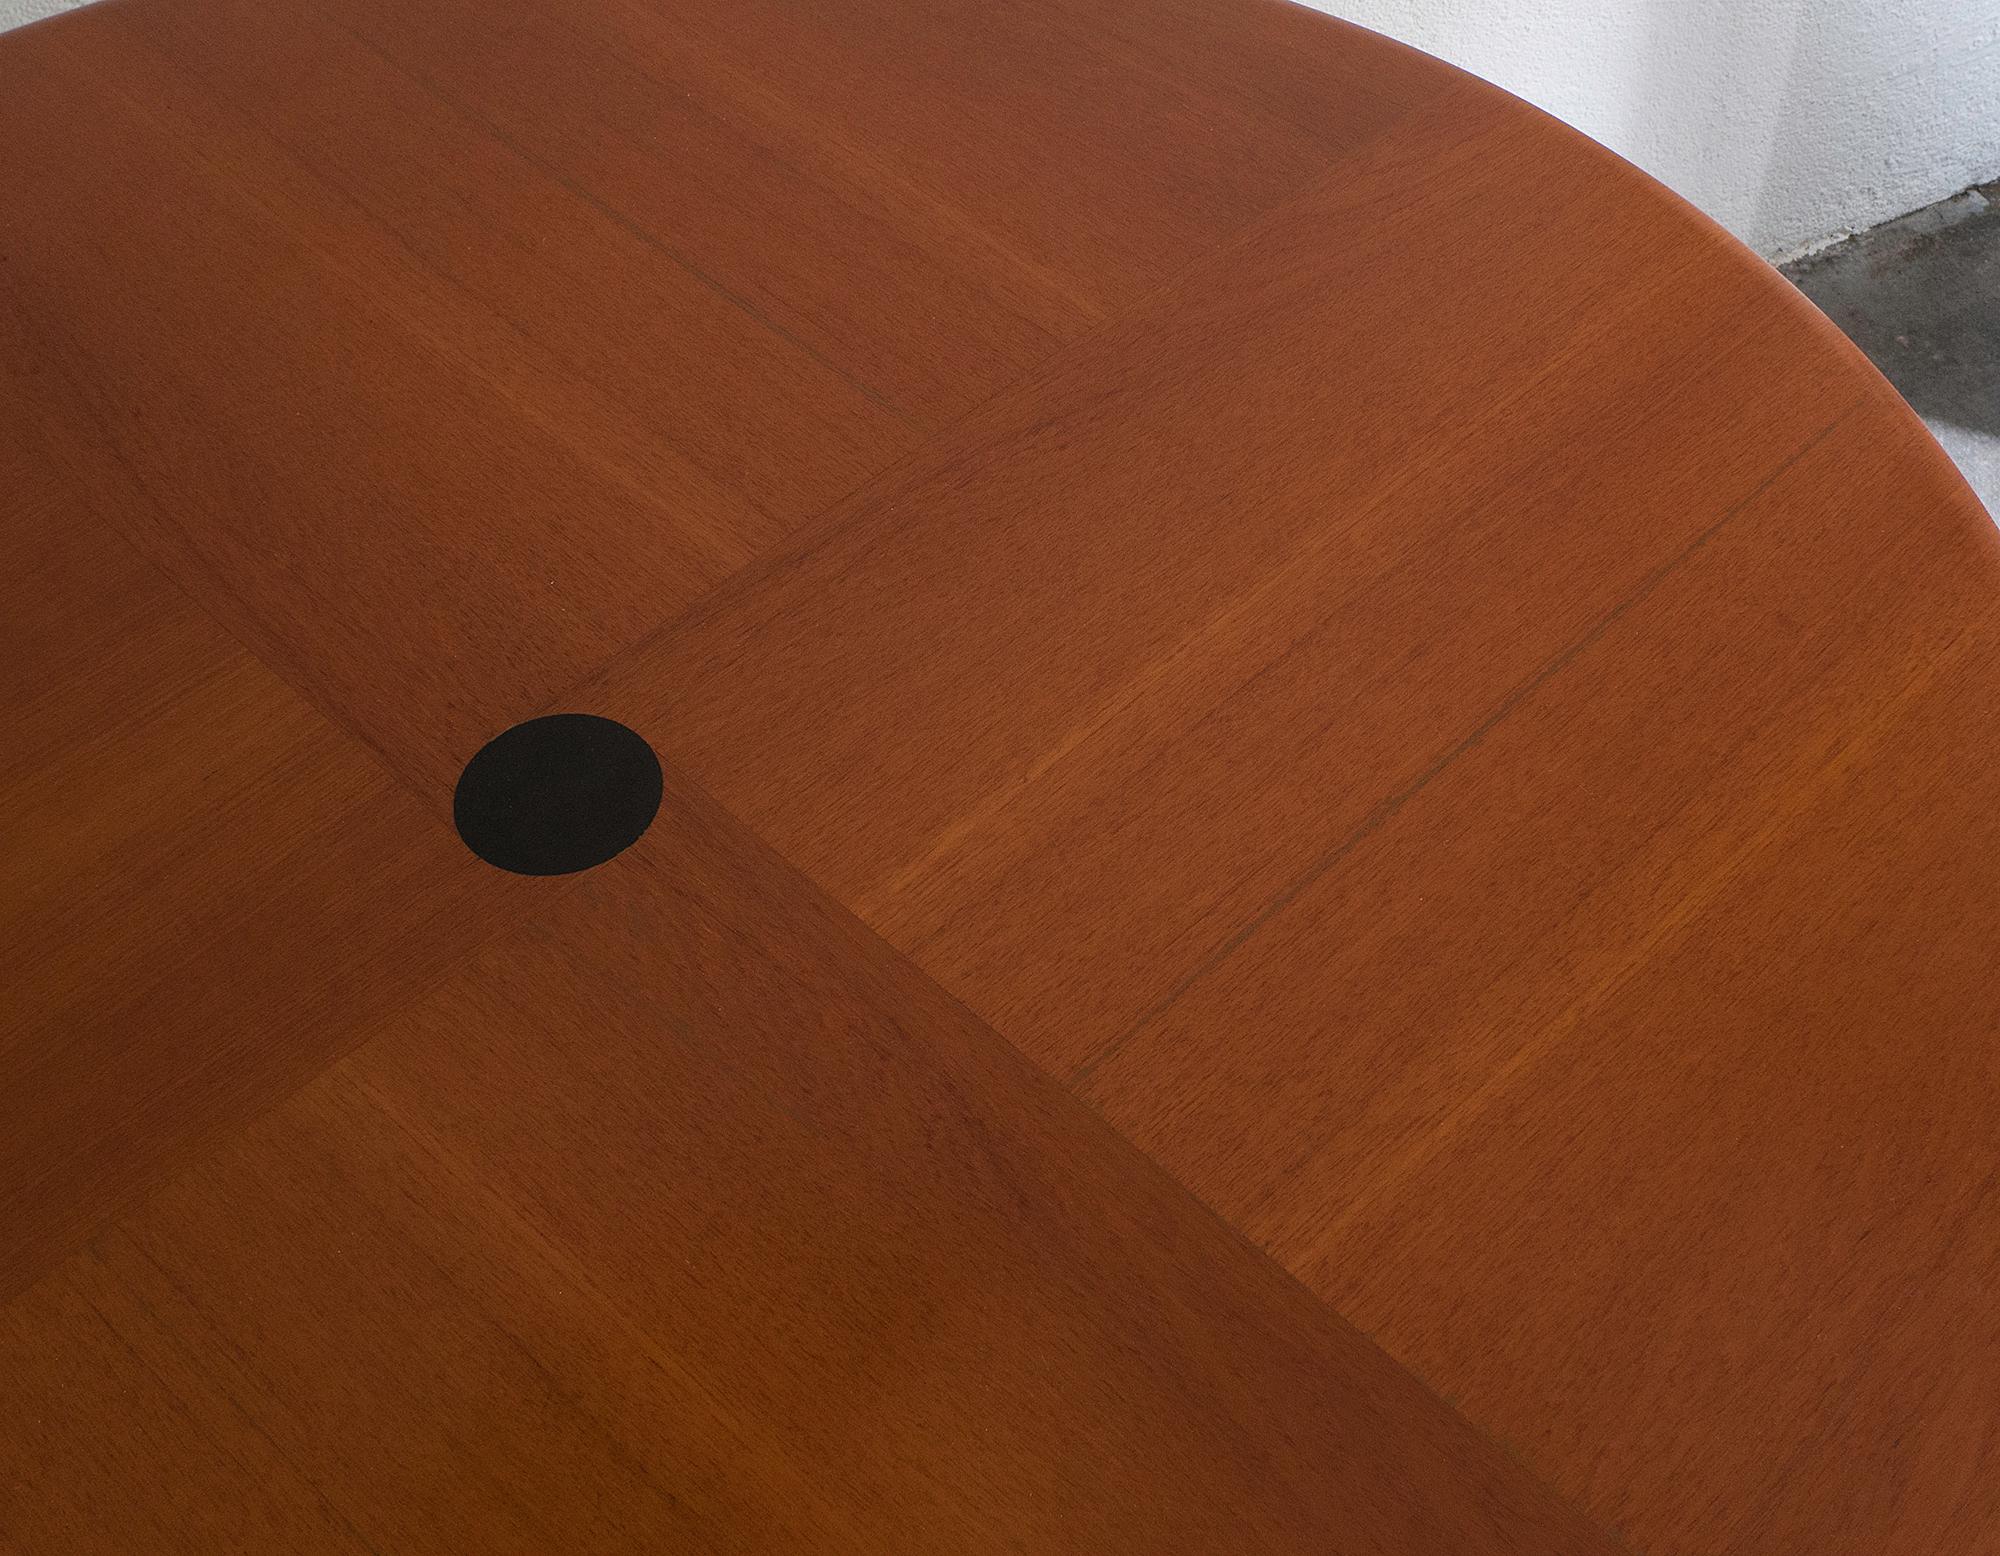 t41-adjustable-table-by-osvaldo-borsani-image-02